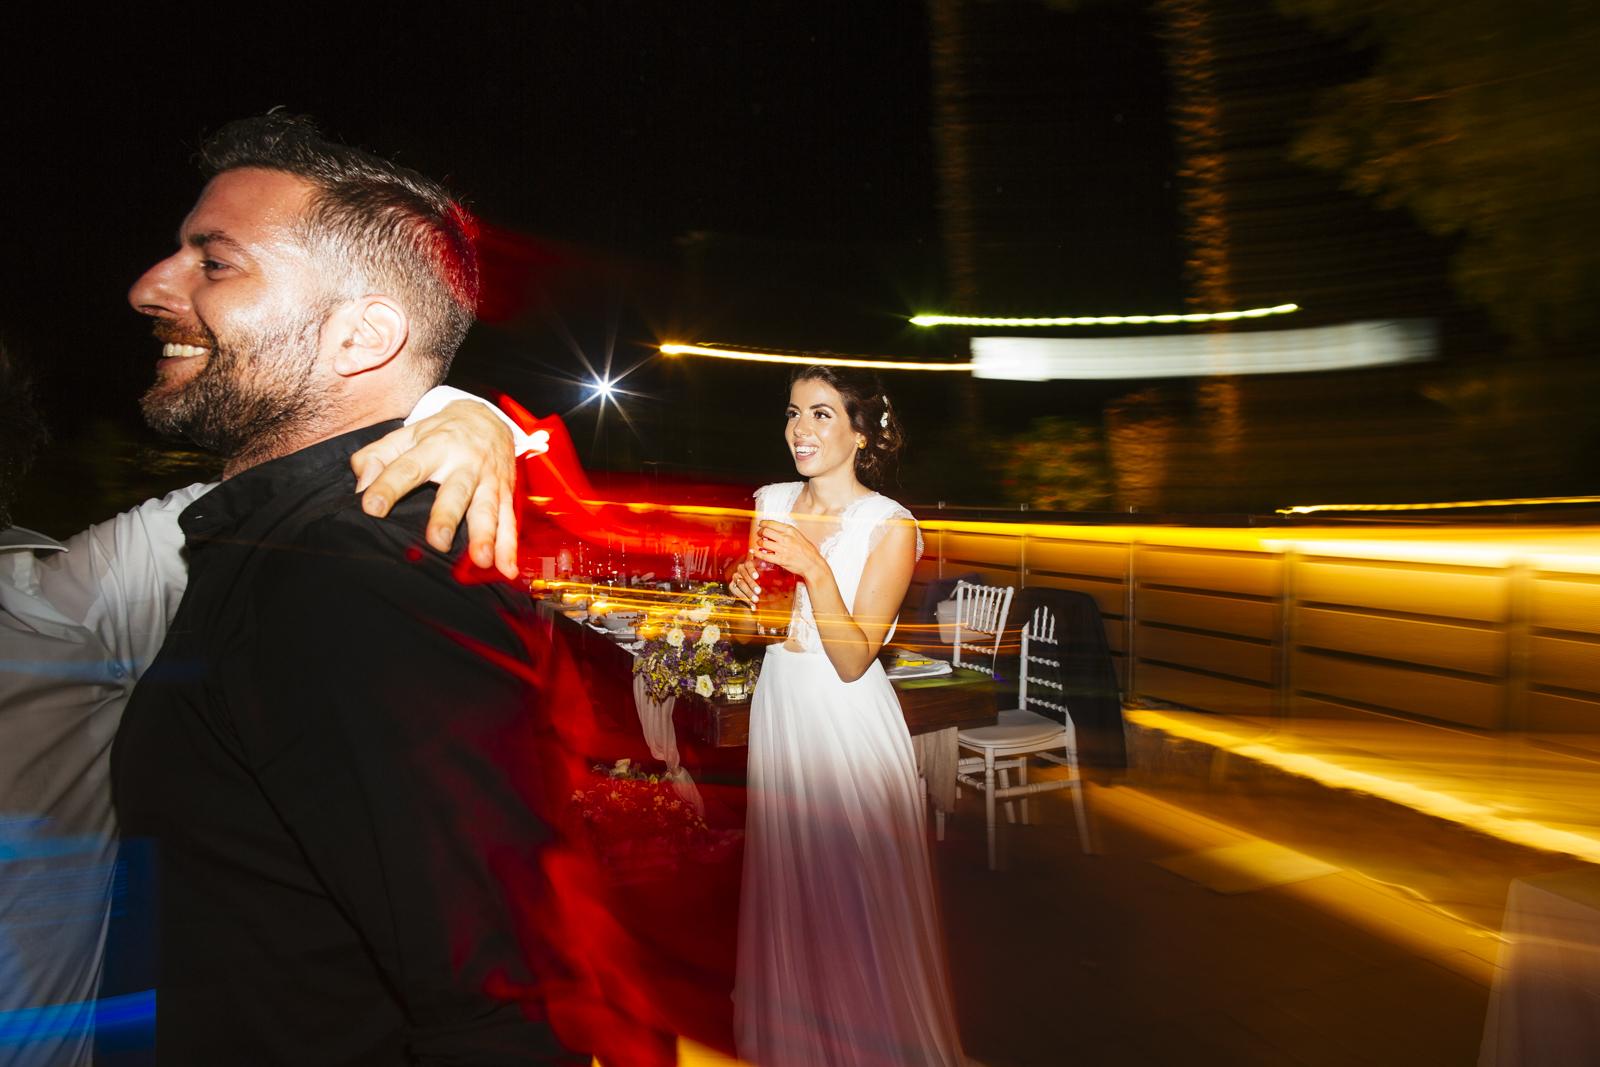 γαμος μονεμβασια φωτογραφιες (10).jpg